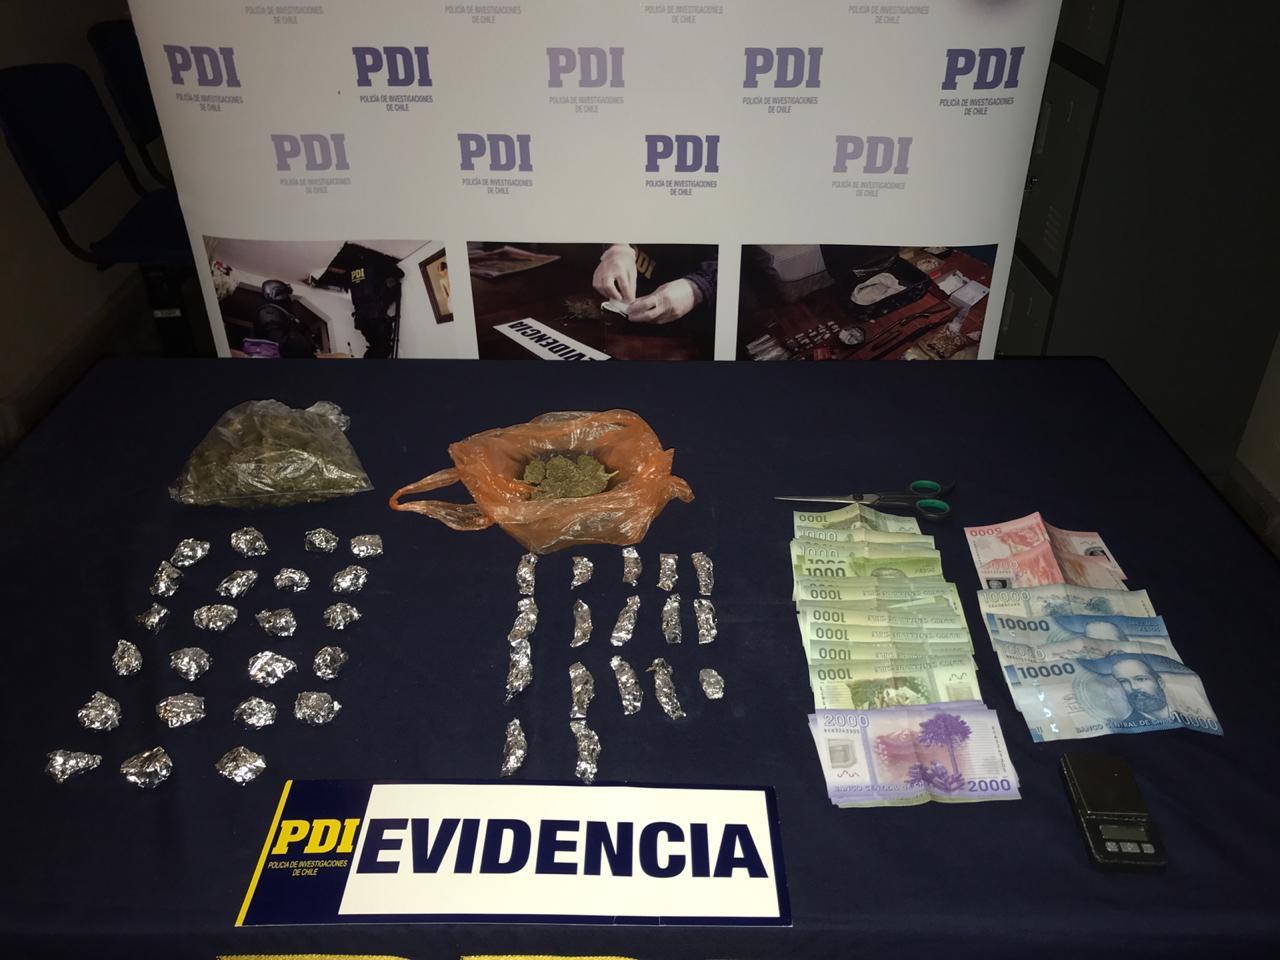 PDI detiene a clan familiar dedicado a microtráfico de drogas en Talca - Maulee.cl Diario electrónico de la Región del Maule